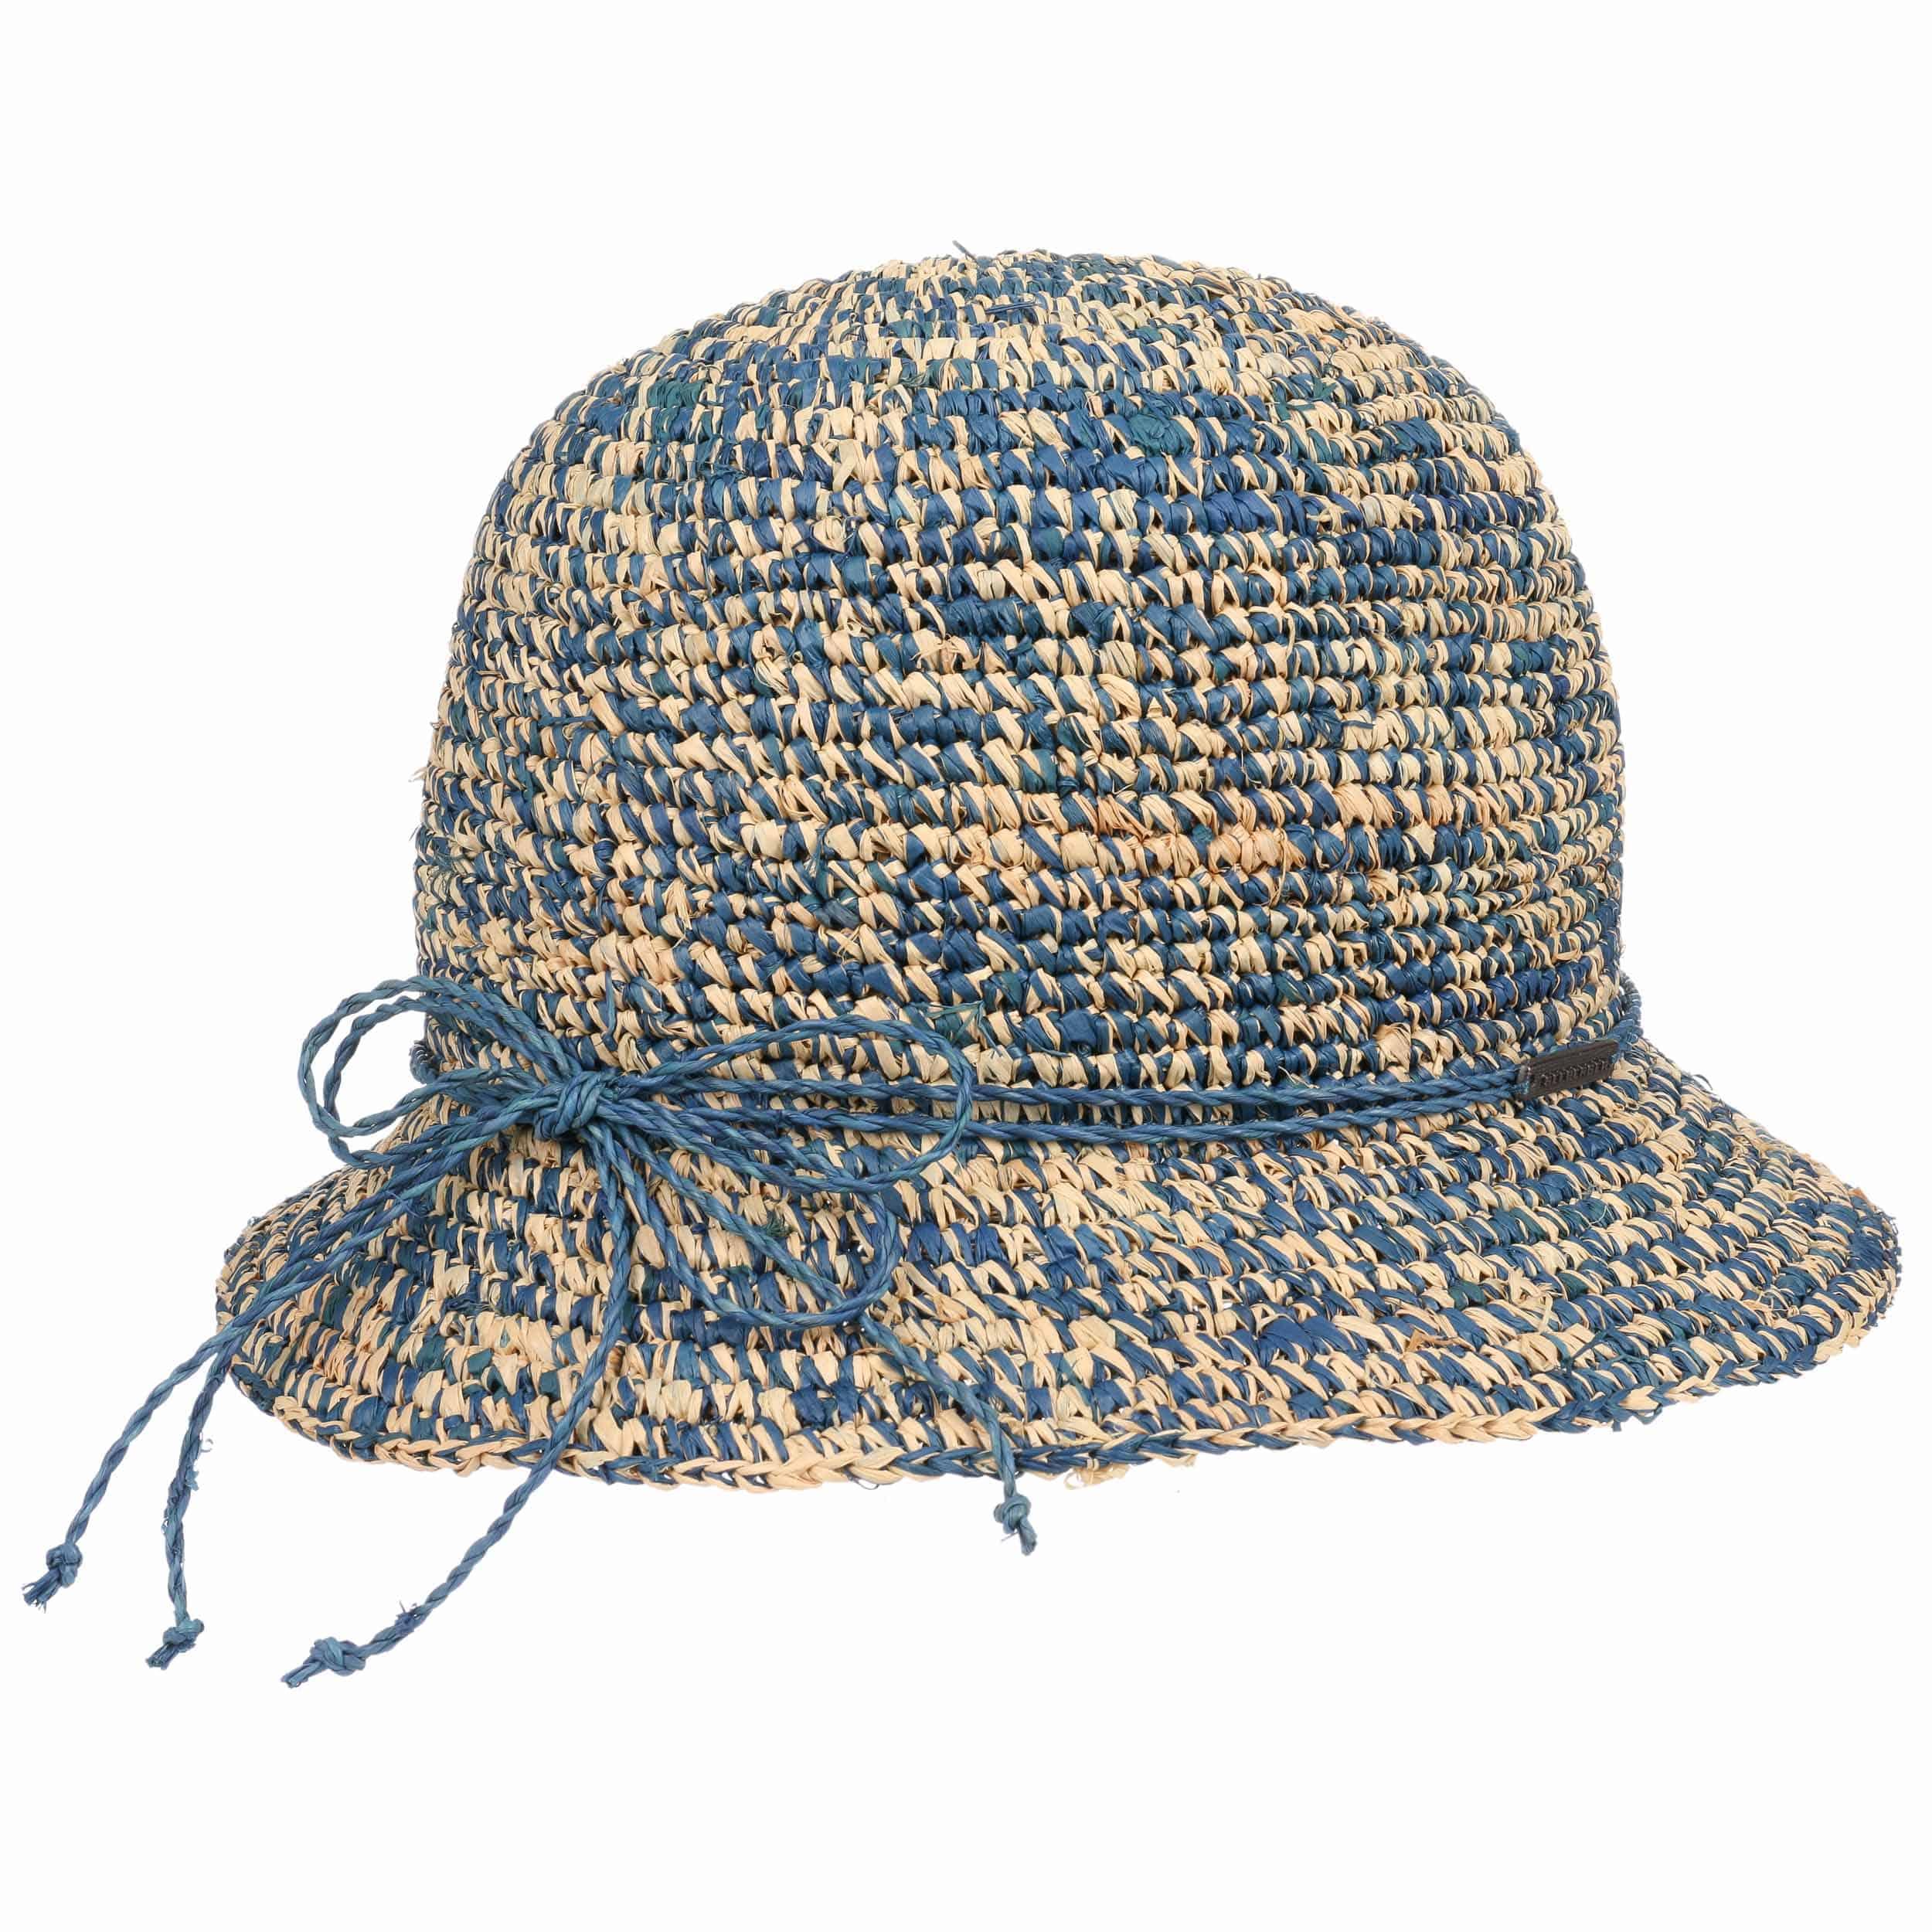 ... Sombrero Cloché Paja Twotone by Seeberger - natural-azul oscuro 3 ... f58a17bd97a8